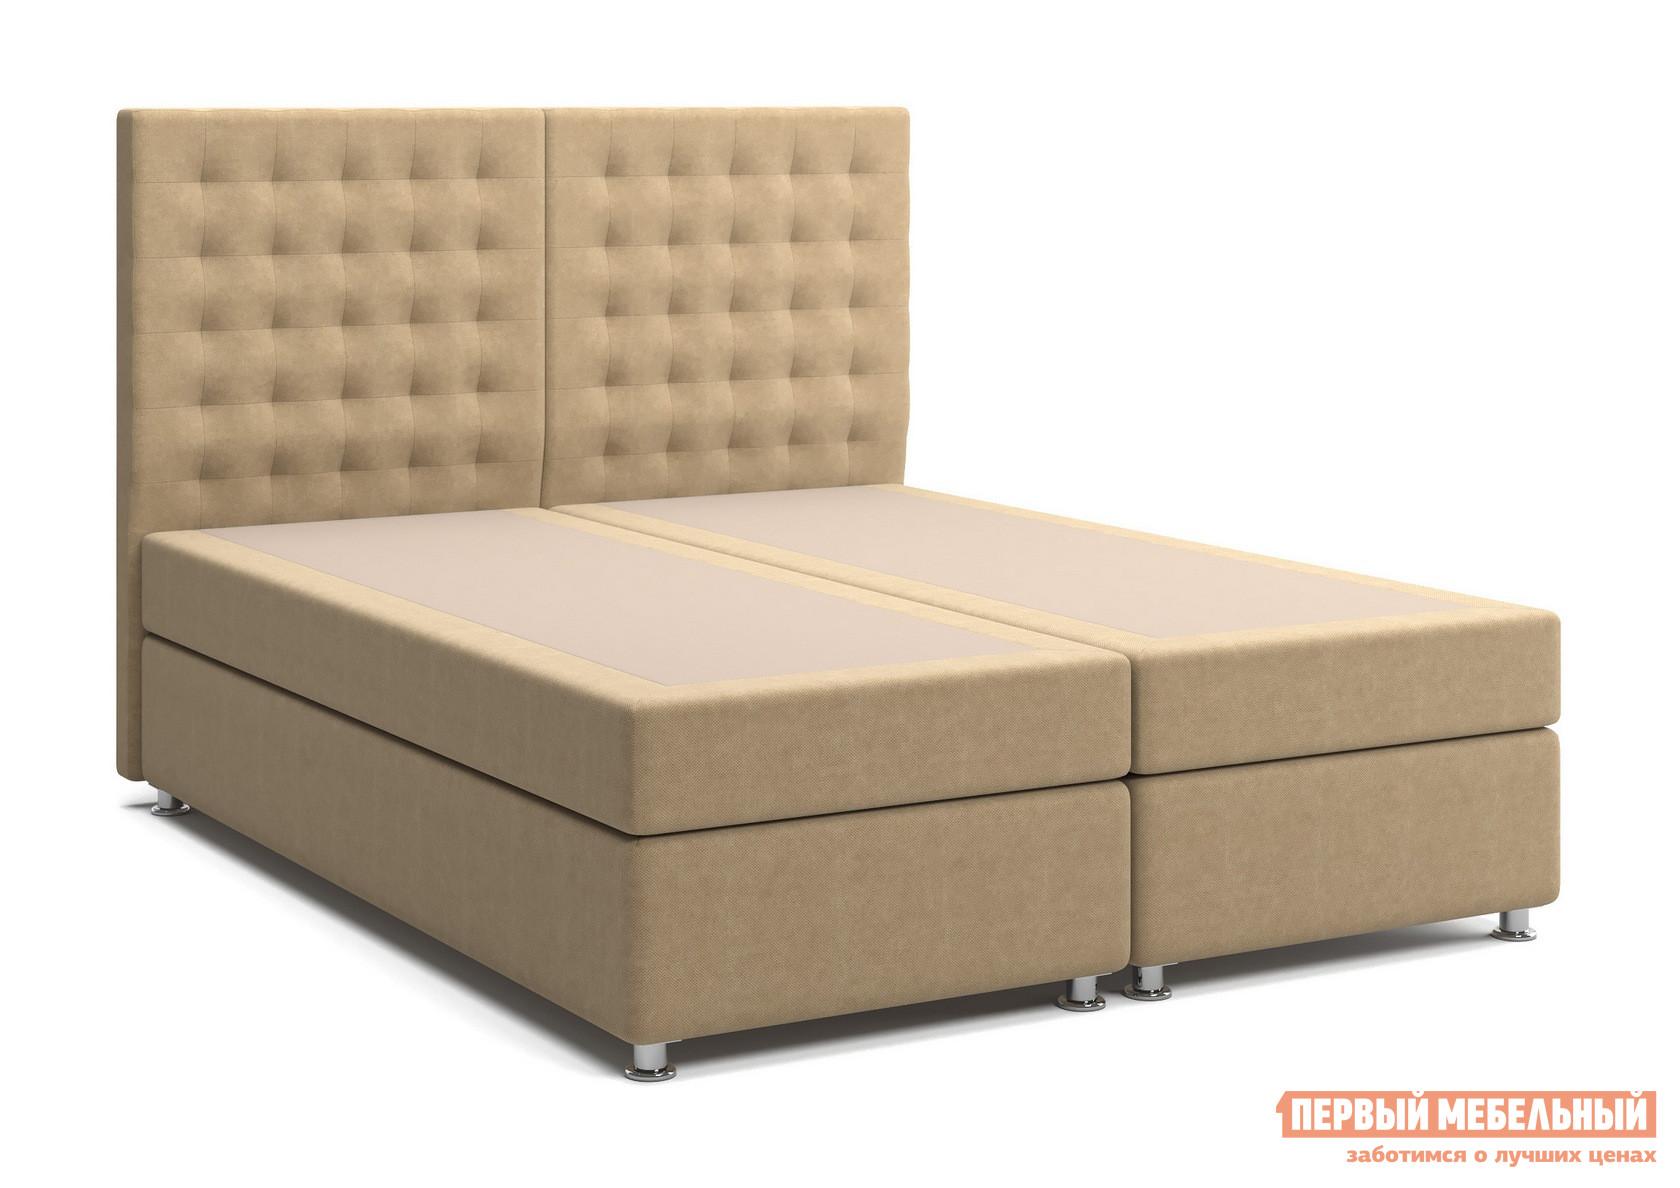 Двуспальная кровать с матрасом СтолЛайн Парадиз 1 (матрасы «Боннель», 2 шт.)